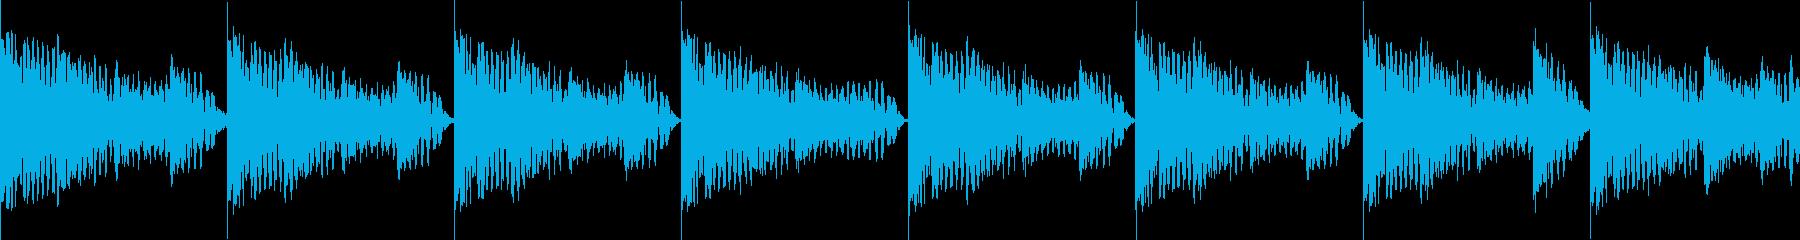 BPM128EDMリズムループ キーFの再生済みの波形